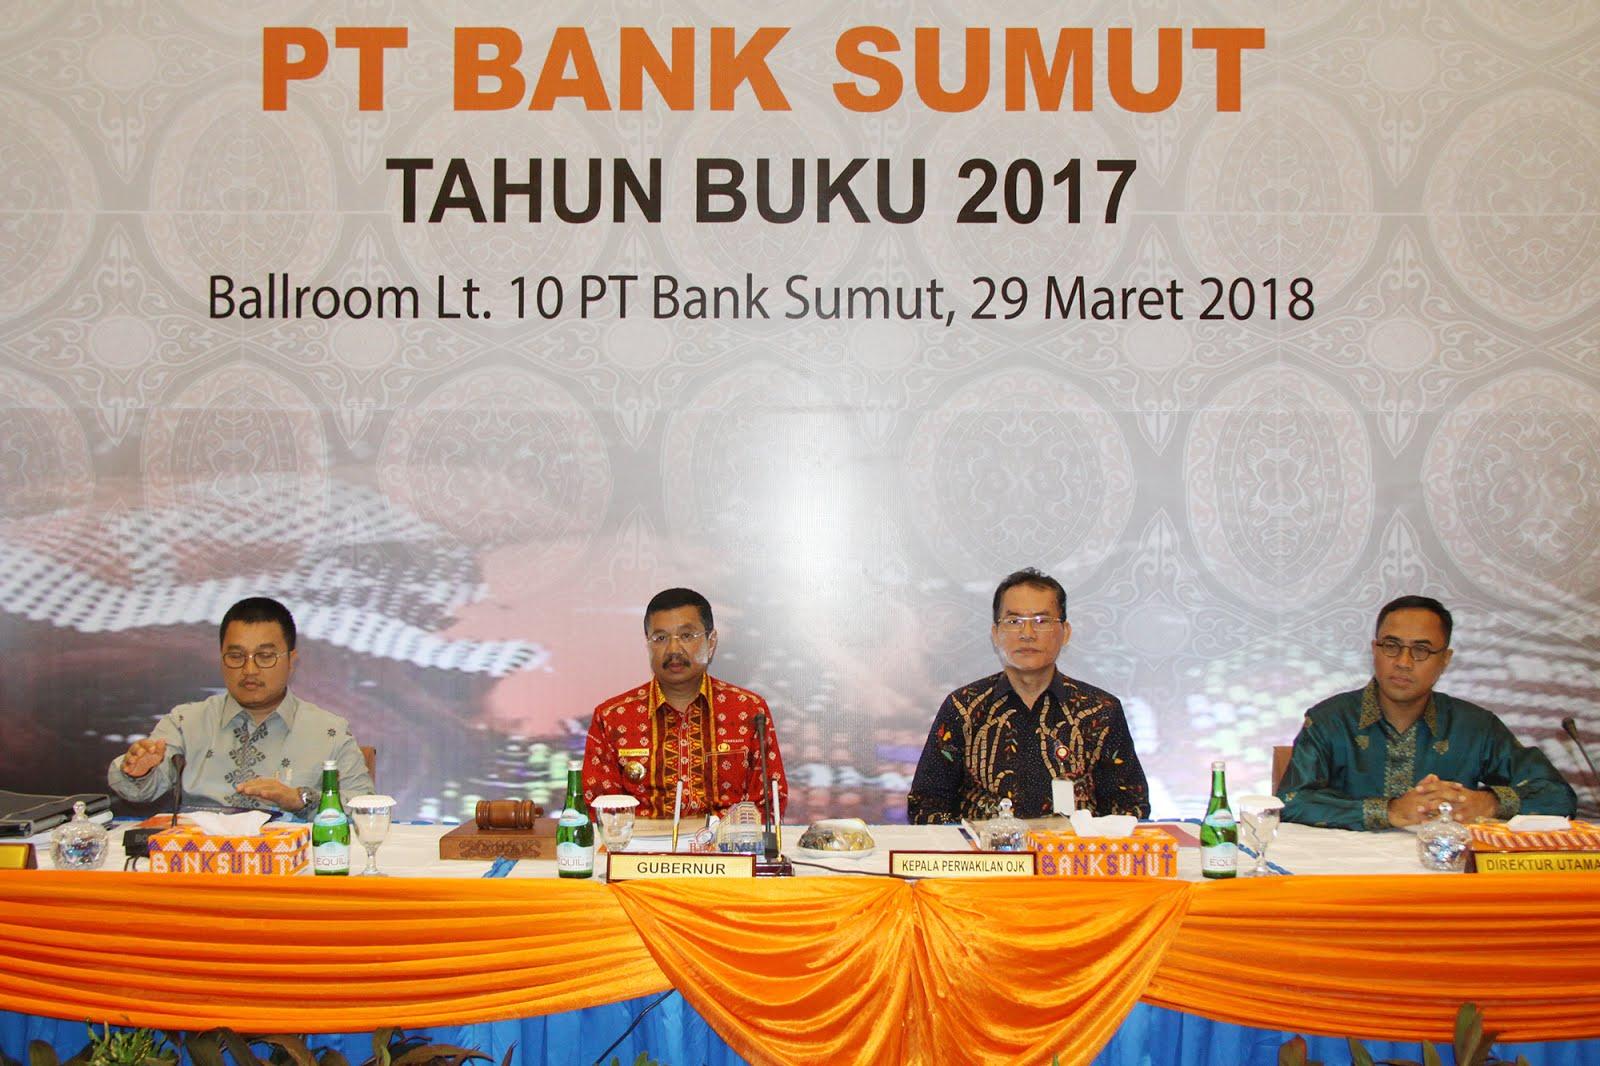 Apresiasi Laba Bersih, Gubsu Pimpin RUPS danRUPS-LB Bank Sumut